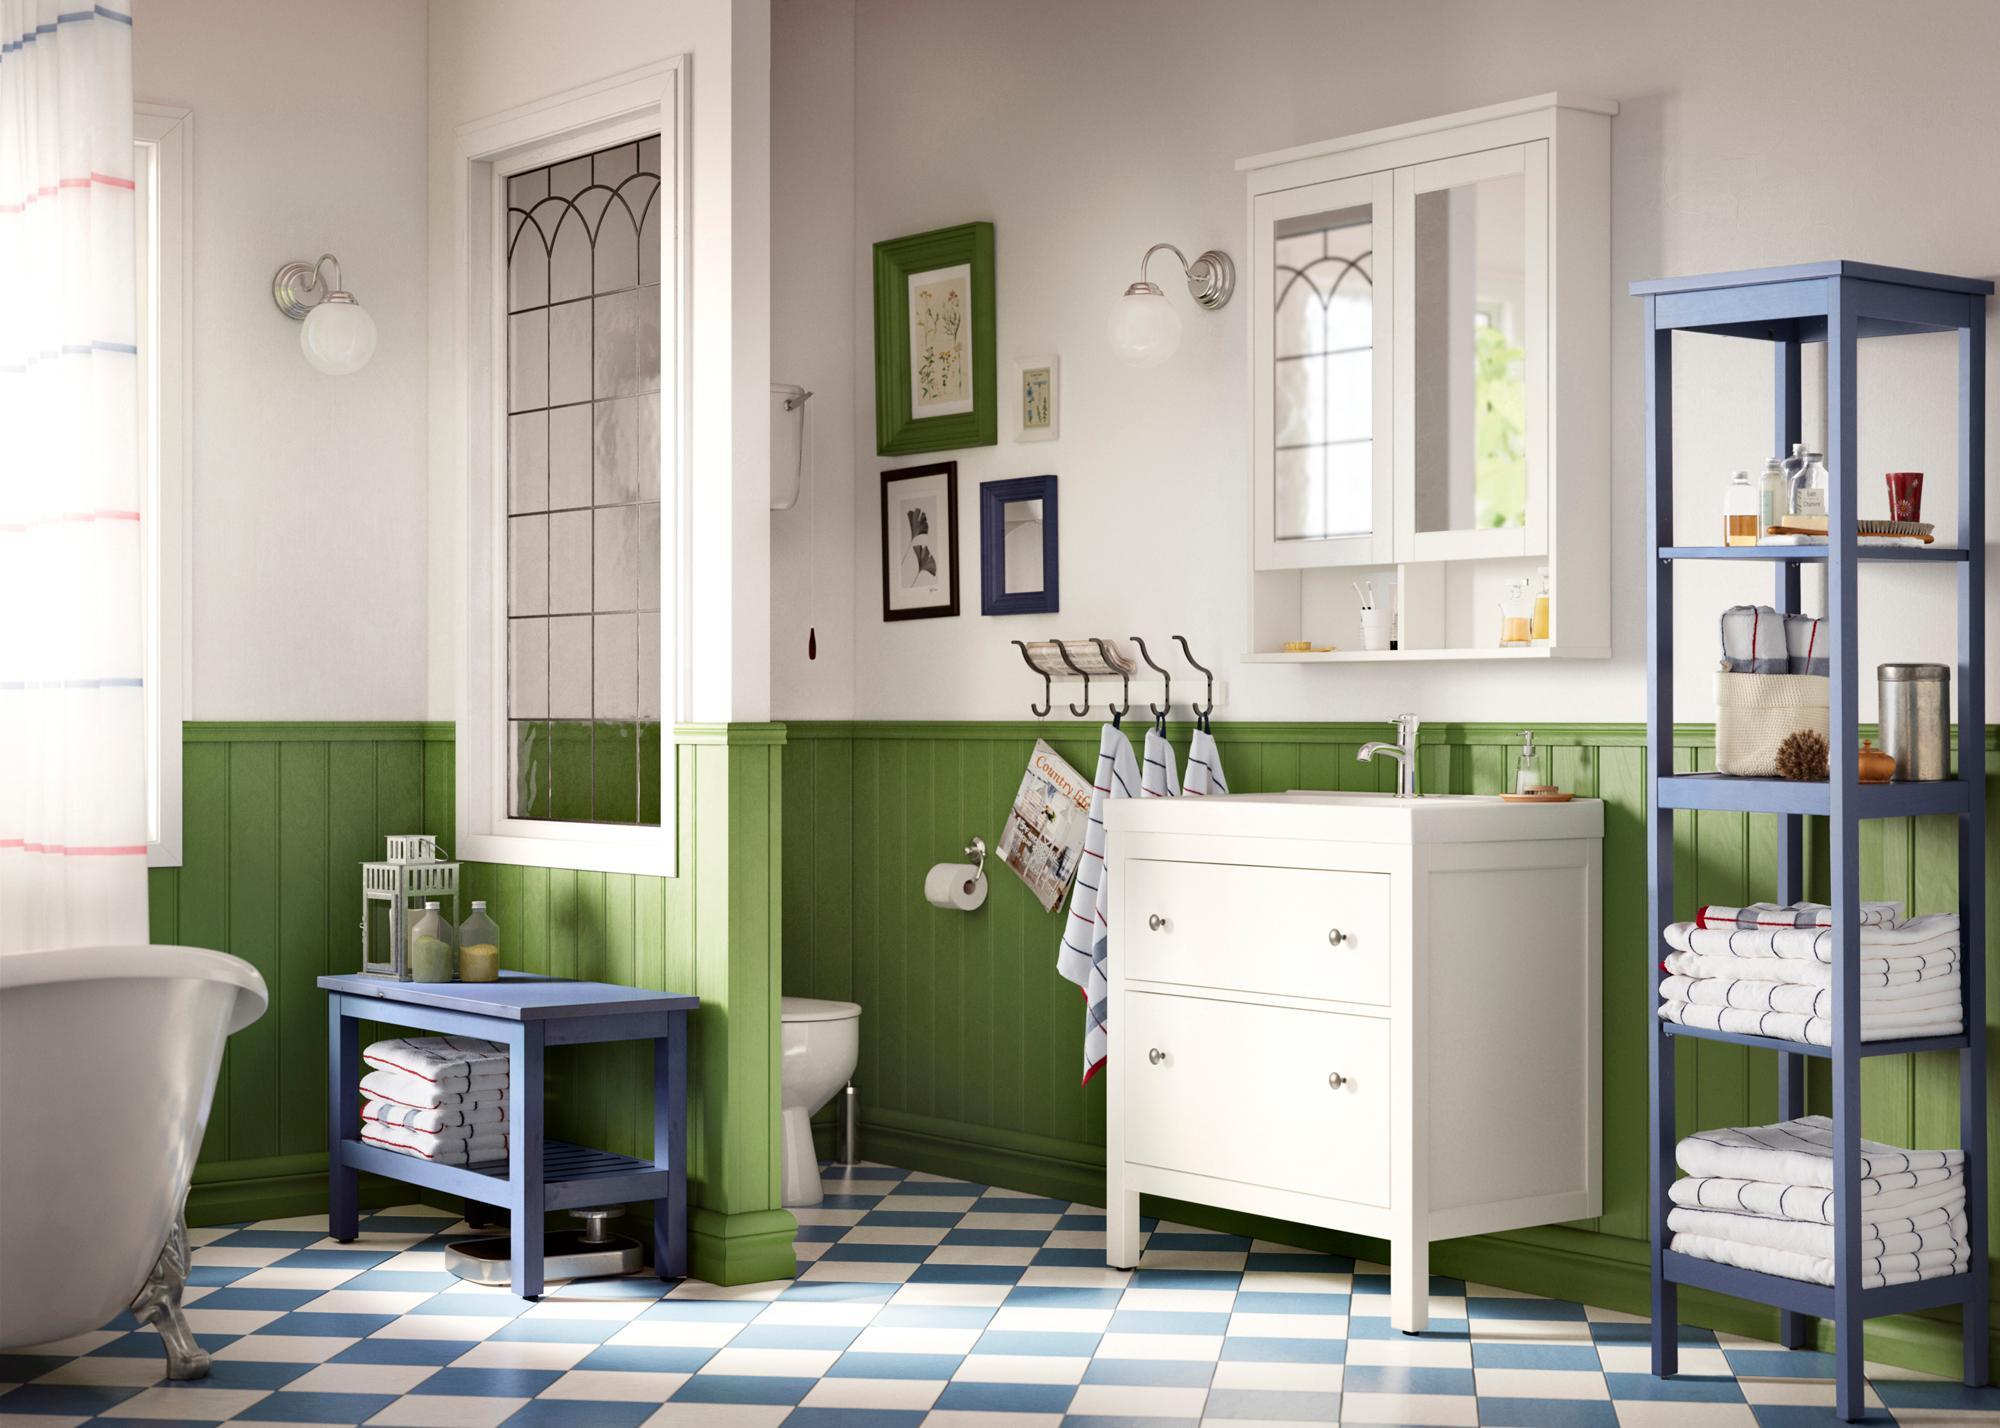 Full Size of Ikea Raumteiler Expedit Bilder Ideen Couch Küche Kosten Sofa Mit Schlaffunktion Regal Kaufen Betten 160x200 Miniküche Bei Modulküche Wohnzimmer Ikea Raumteiler